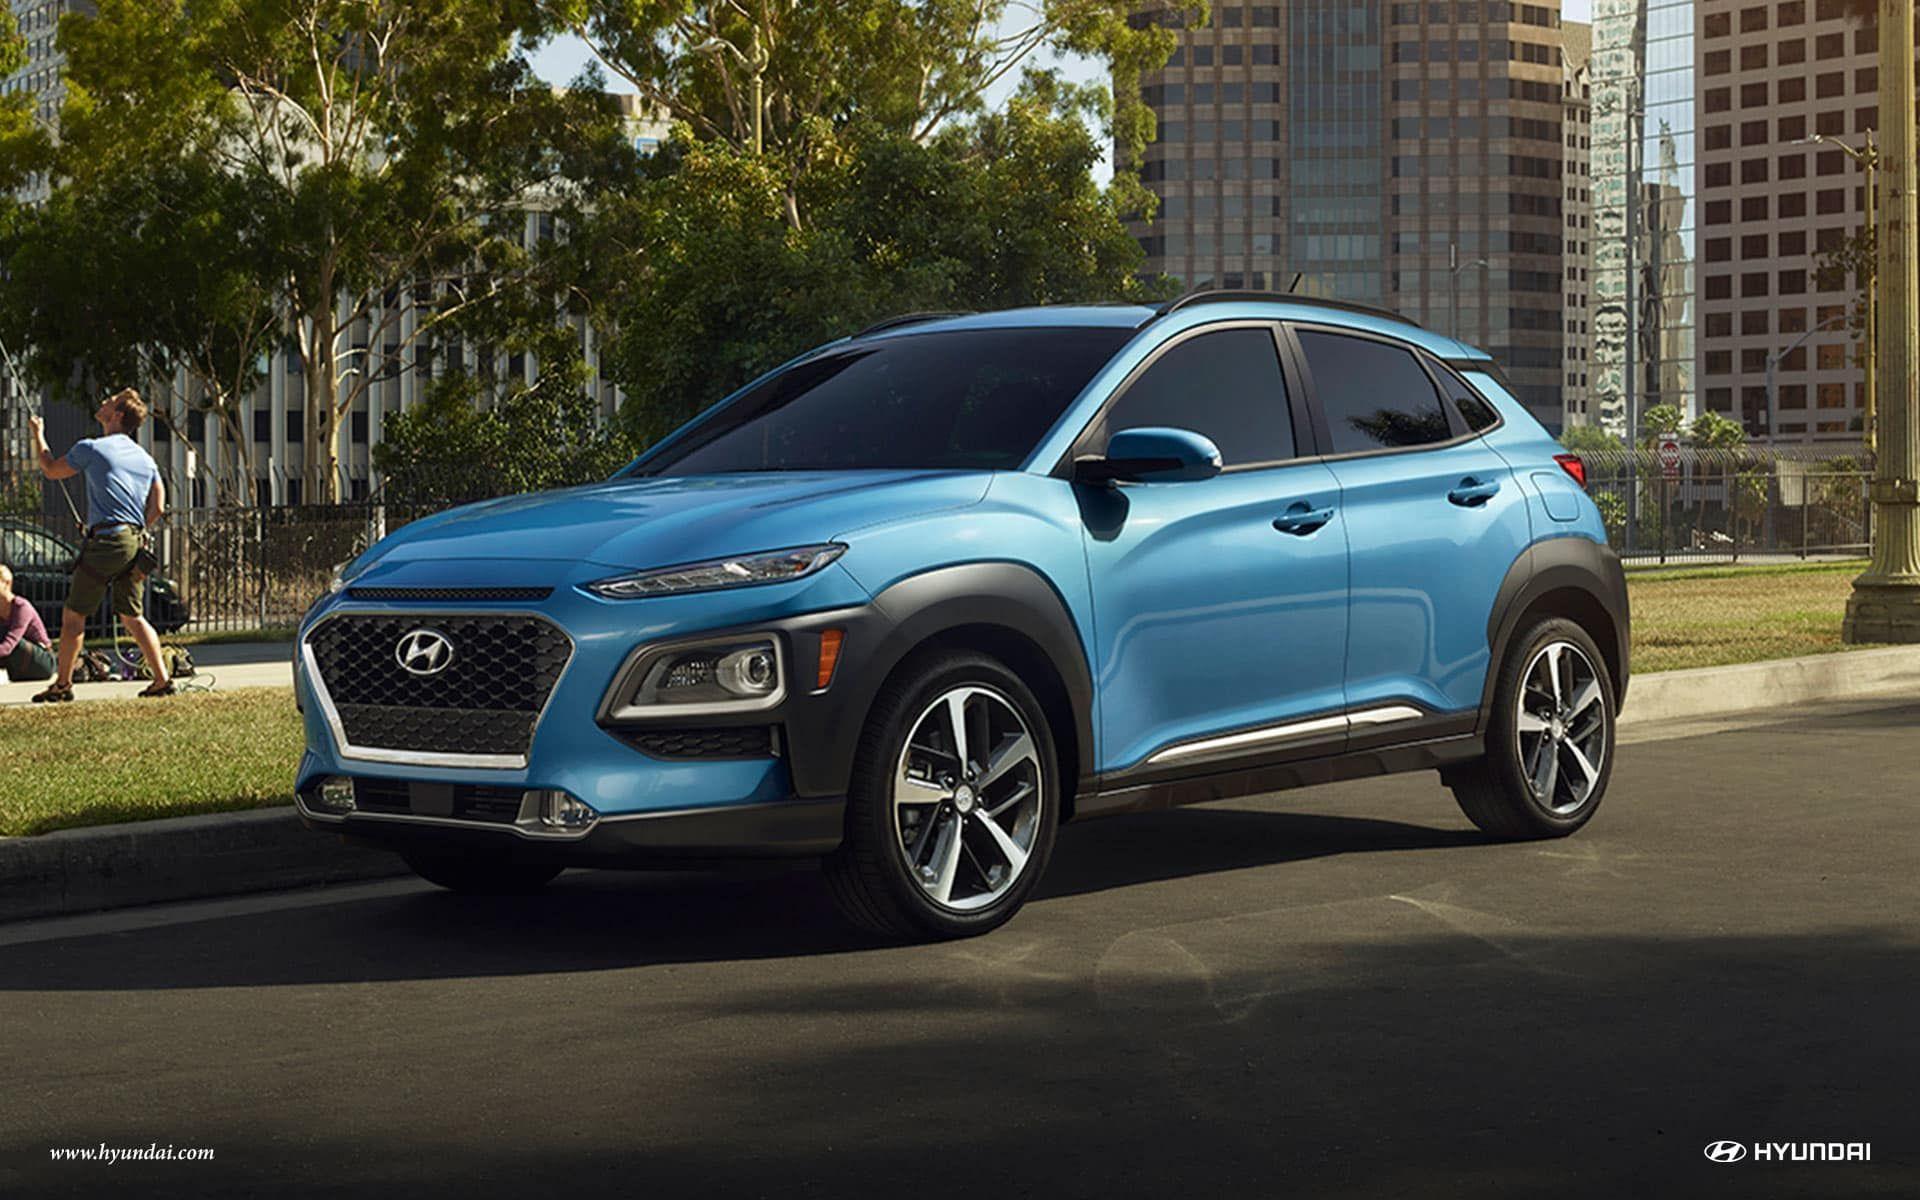 2018 Hyundai Kona Hyundai, Hyundai cars, Hyundai motor